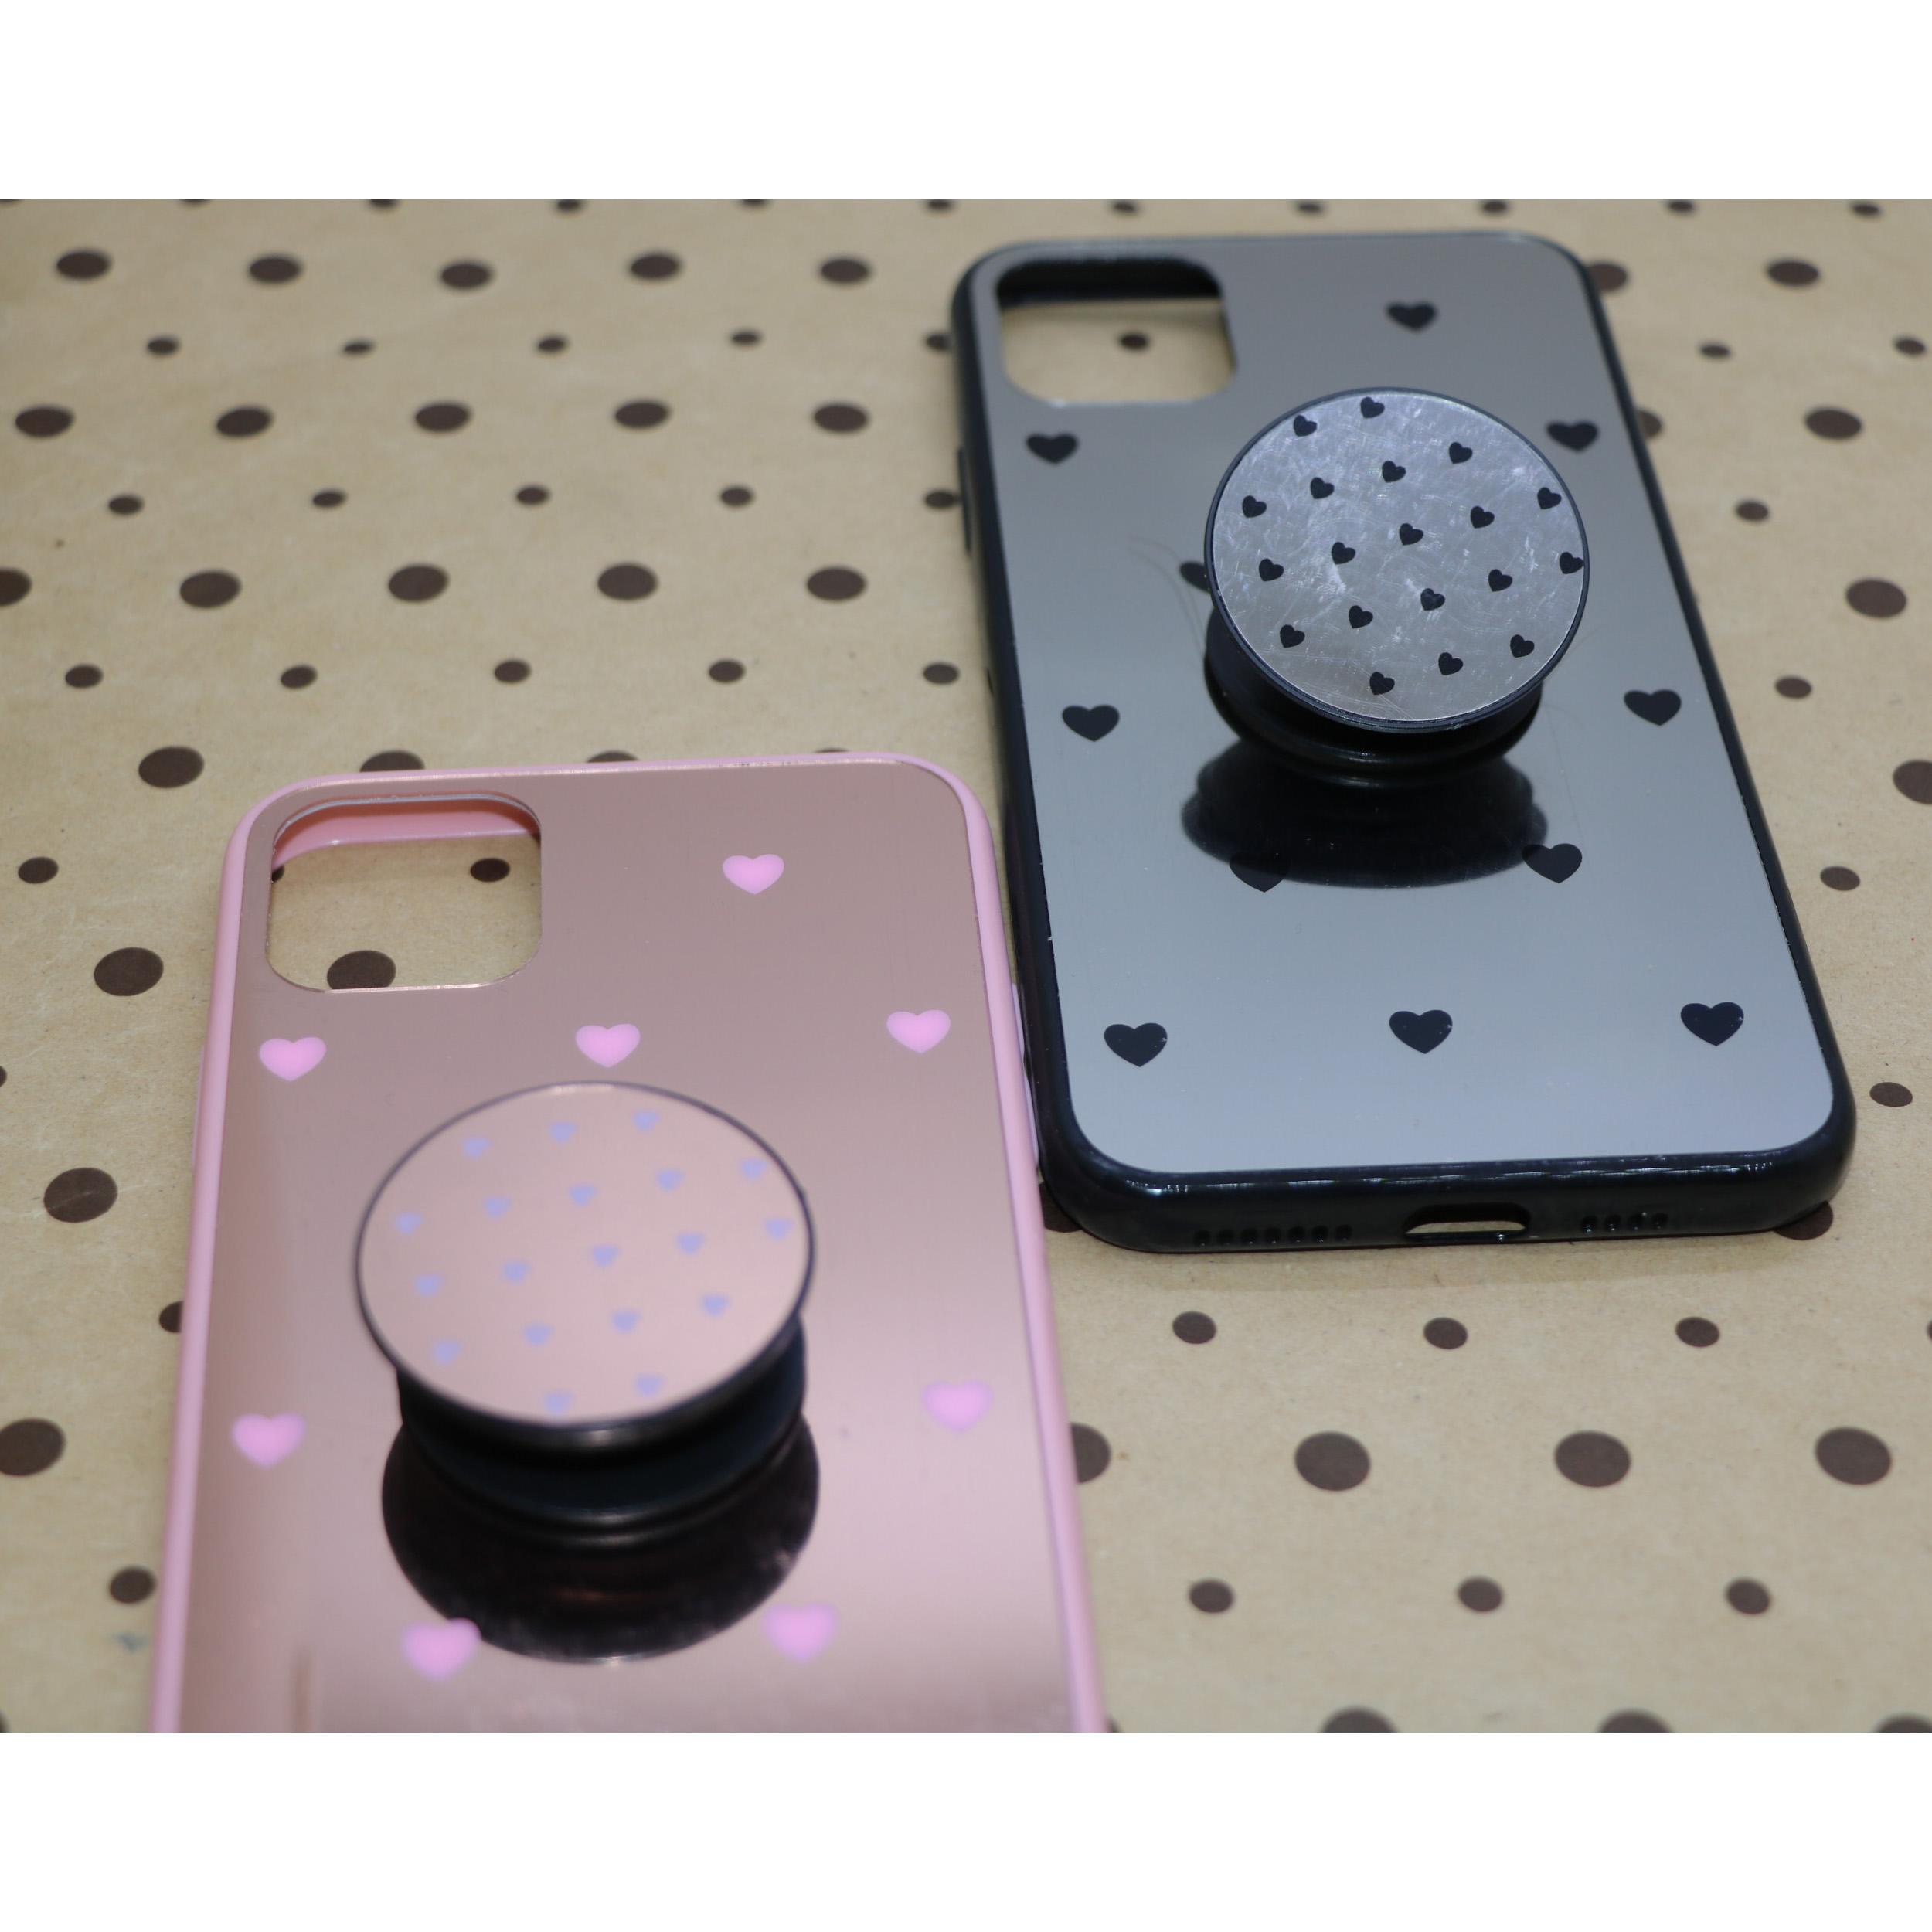 کاور طرح Heart مدل BH-01 مناسب برای گوشی موبایل اپل Iphone 11 به همراه نگهدارنده thumb 6